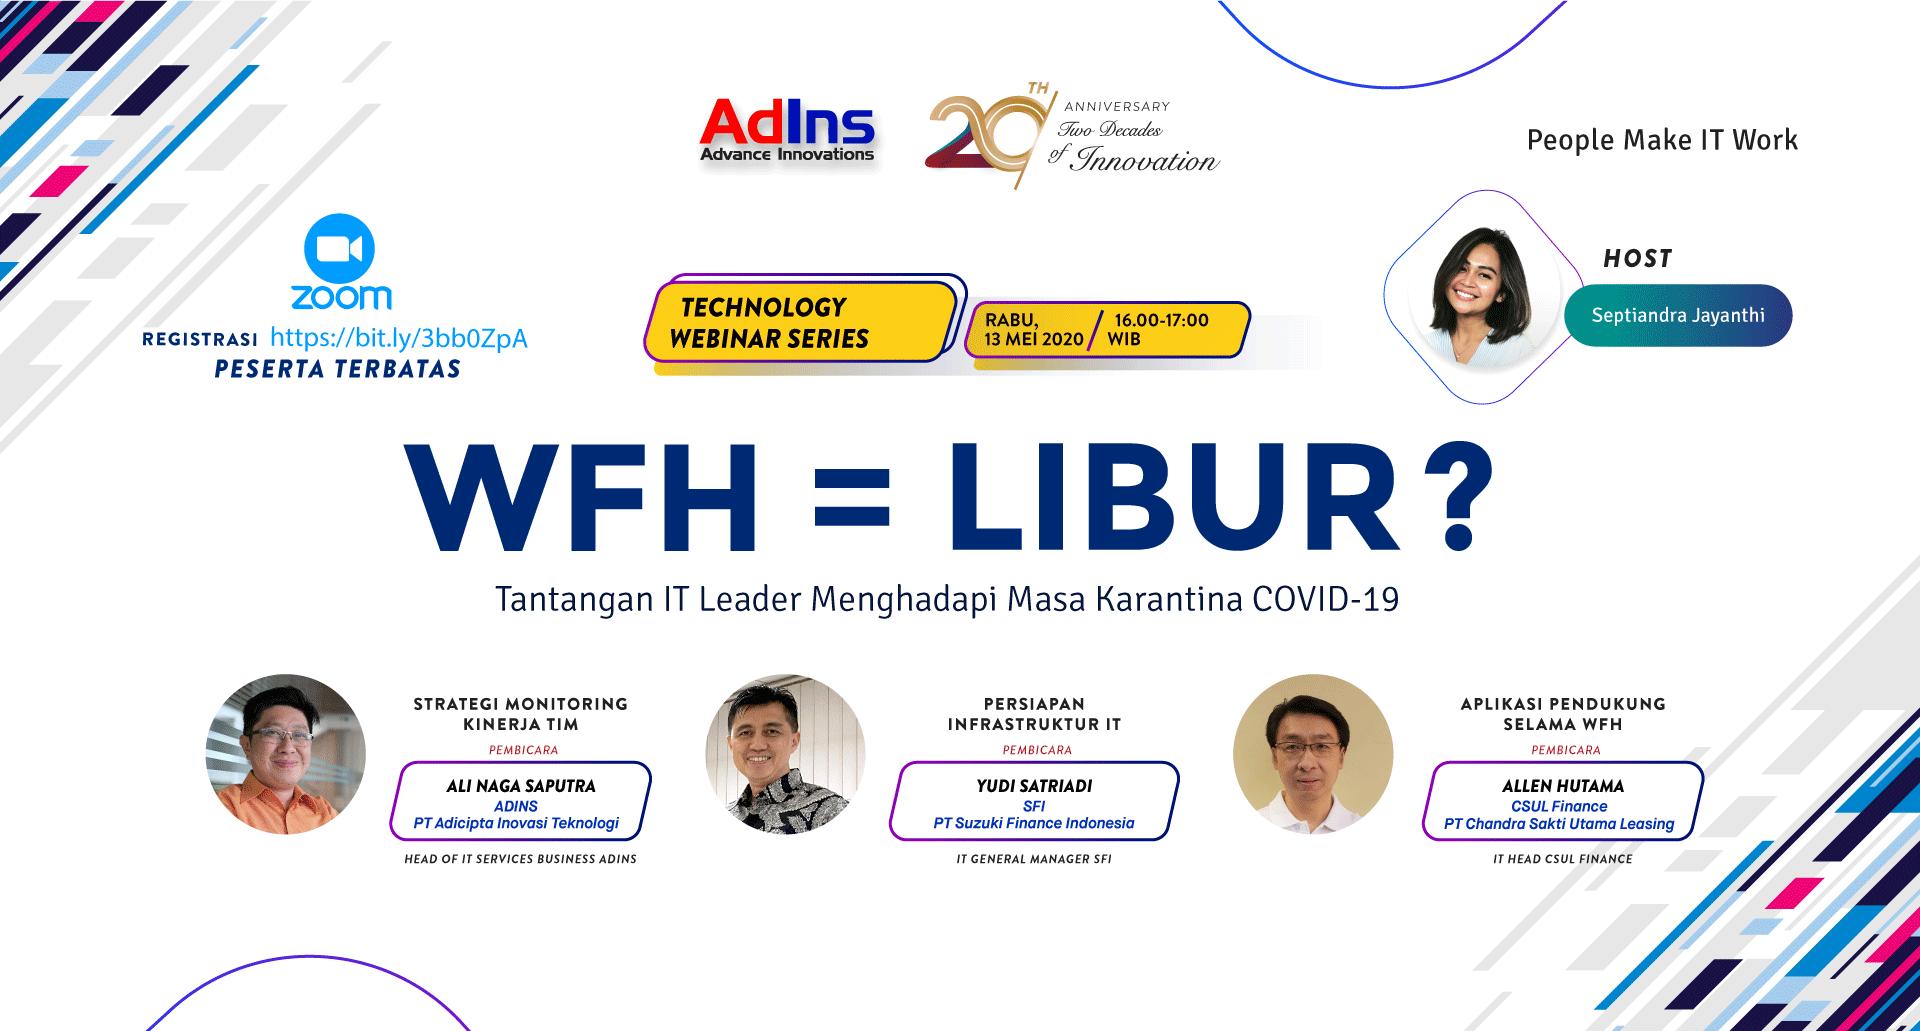 Web Seminar Teknologi AdIns